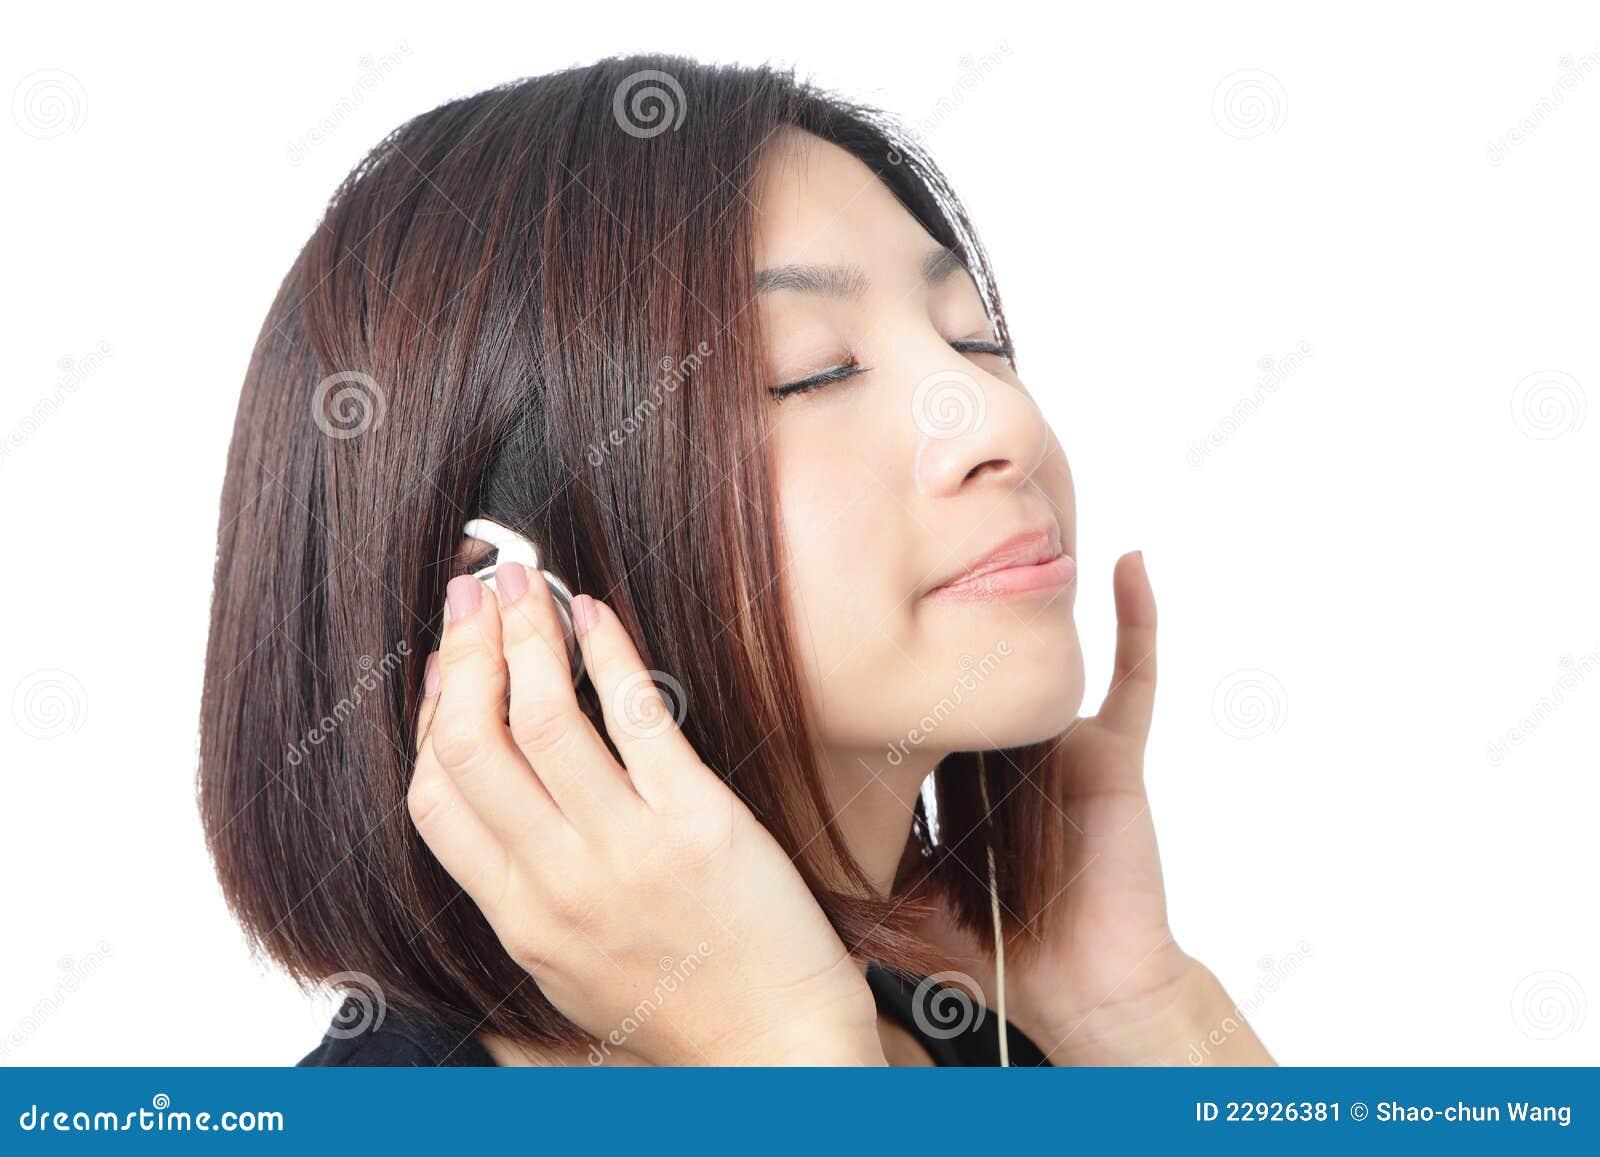 La Chica Joven Escucha Música Y Se Cierra Los Ojos Imagen De Archivo Imagen De Joven Cierra 22926381